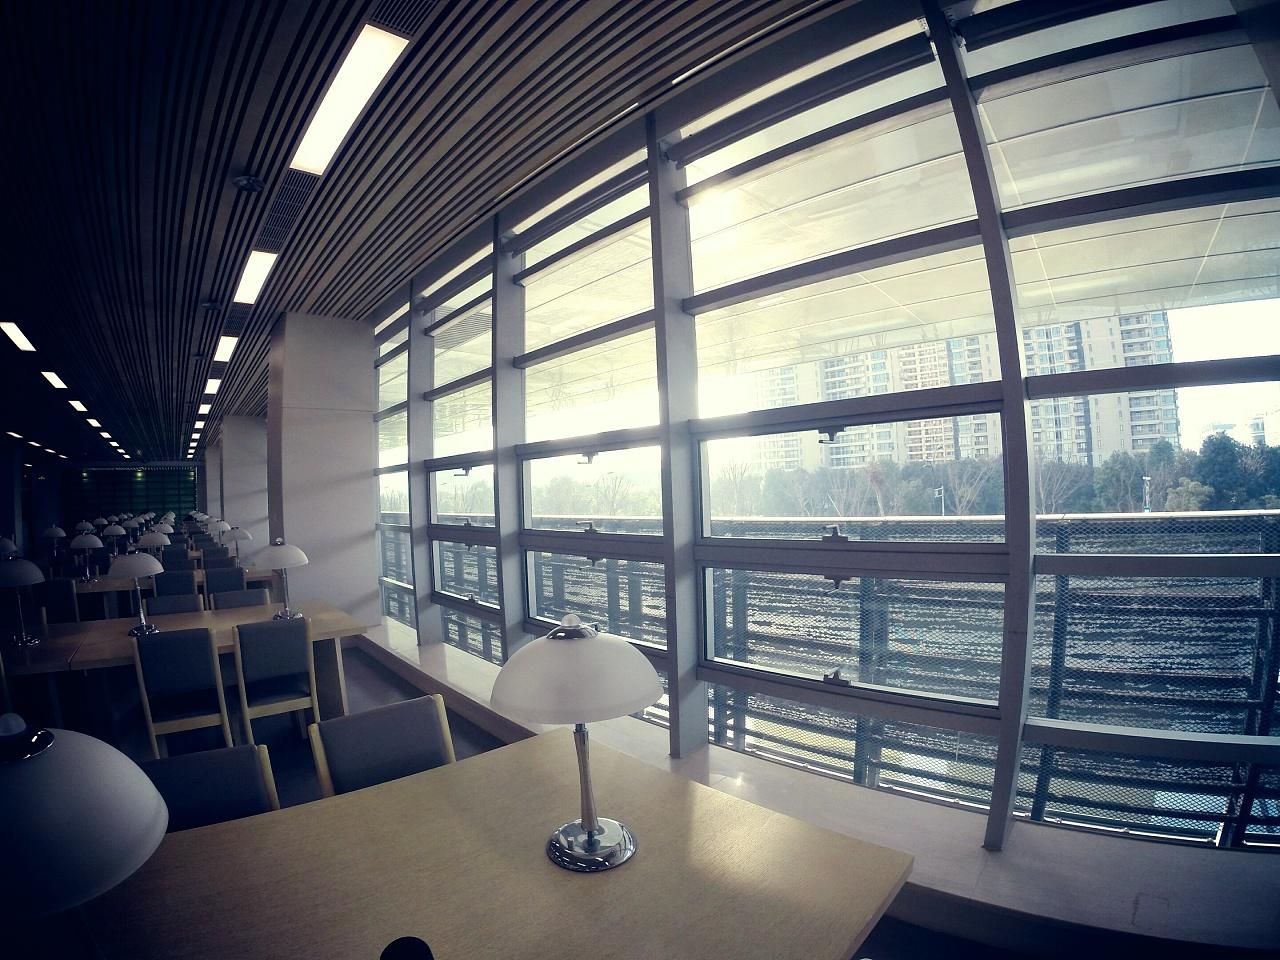 图书馆|摄影|环境/建筑|gooobenooogle - 原创作品图片